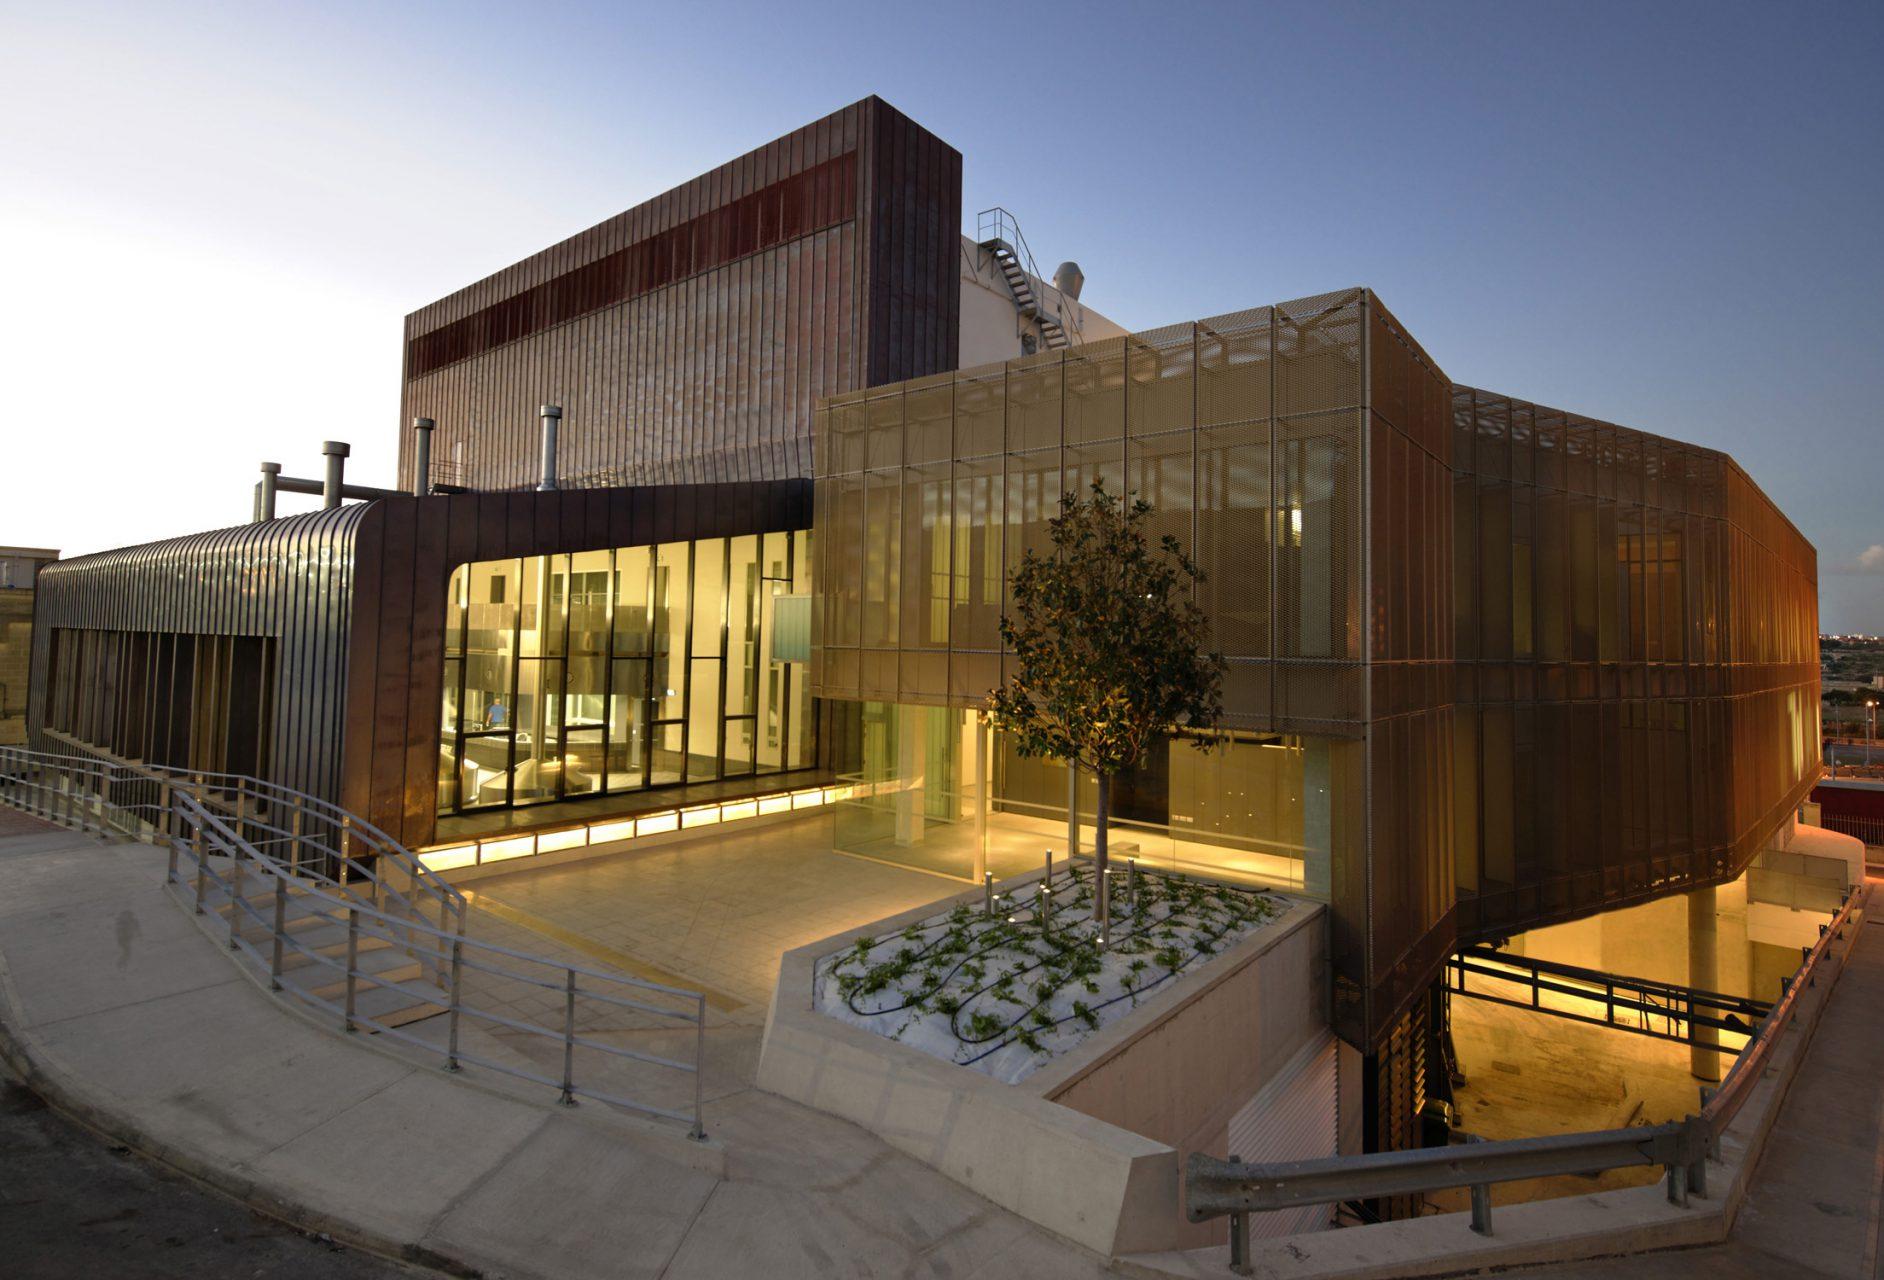 Glänzend. Die neue vom maltesischen Büro Architecture Project AP entworfene Brauerei